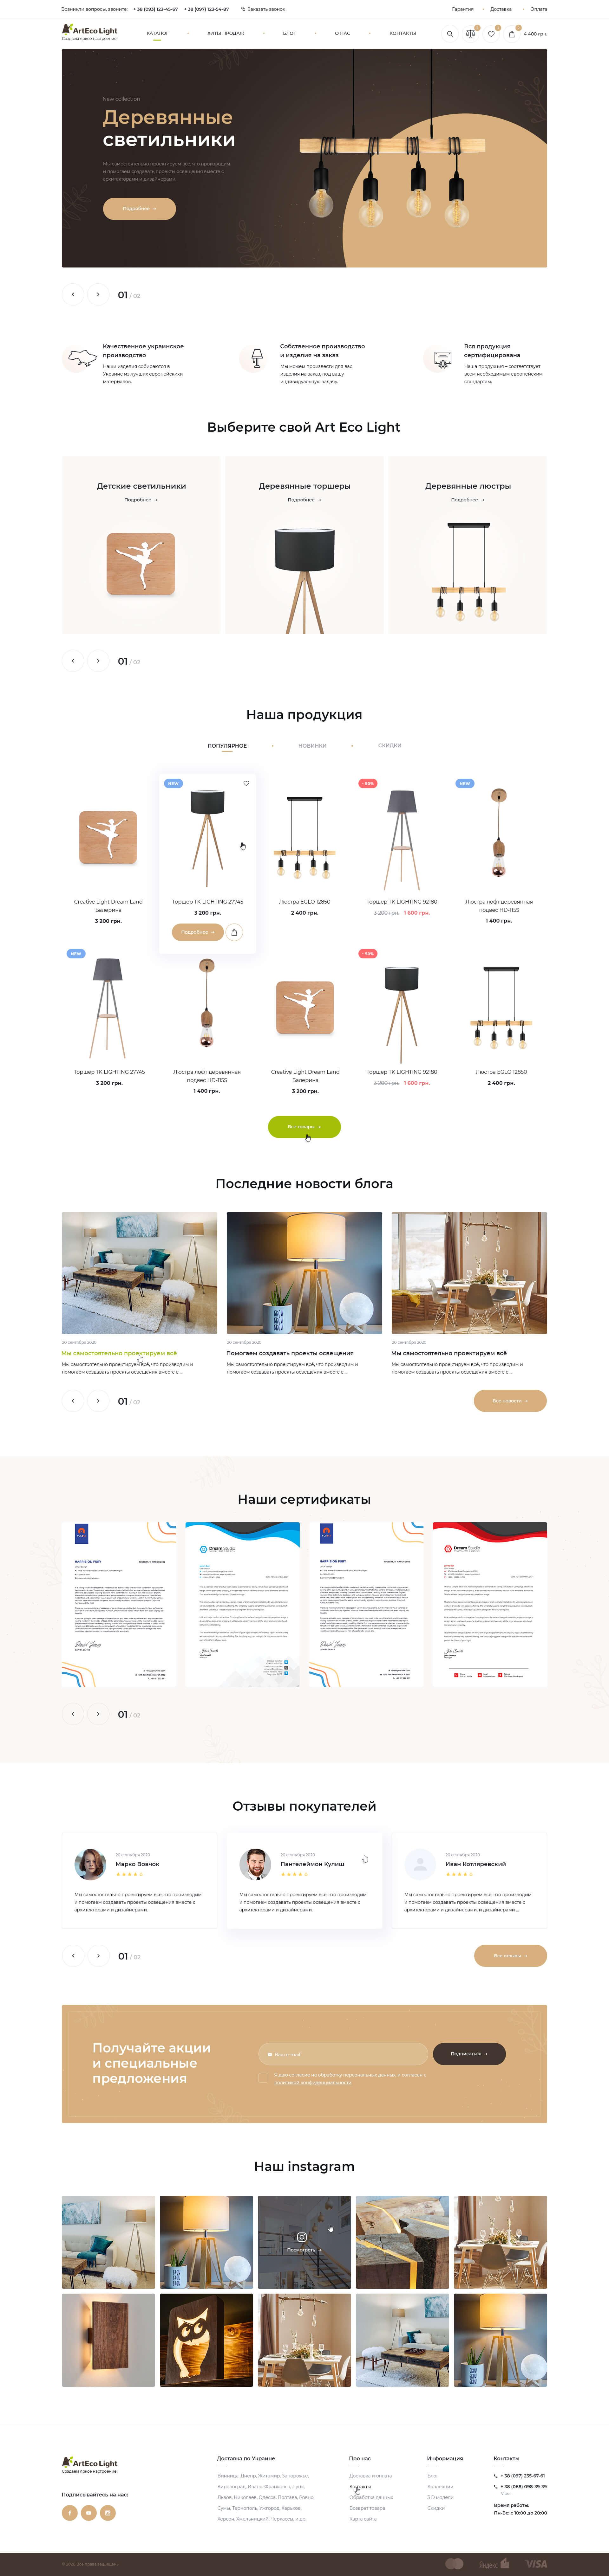 ArtEco_Light_01_Home_01_1.0